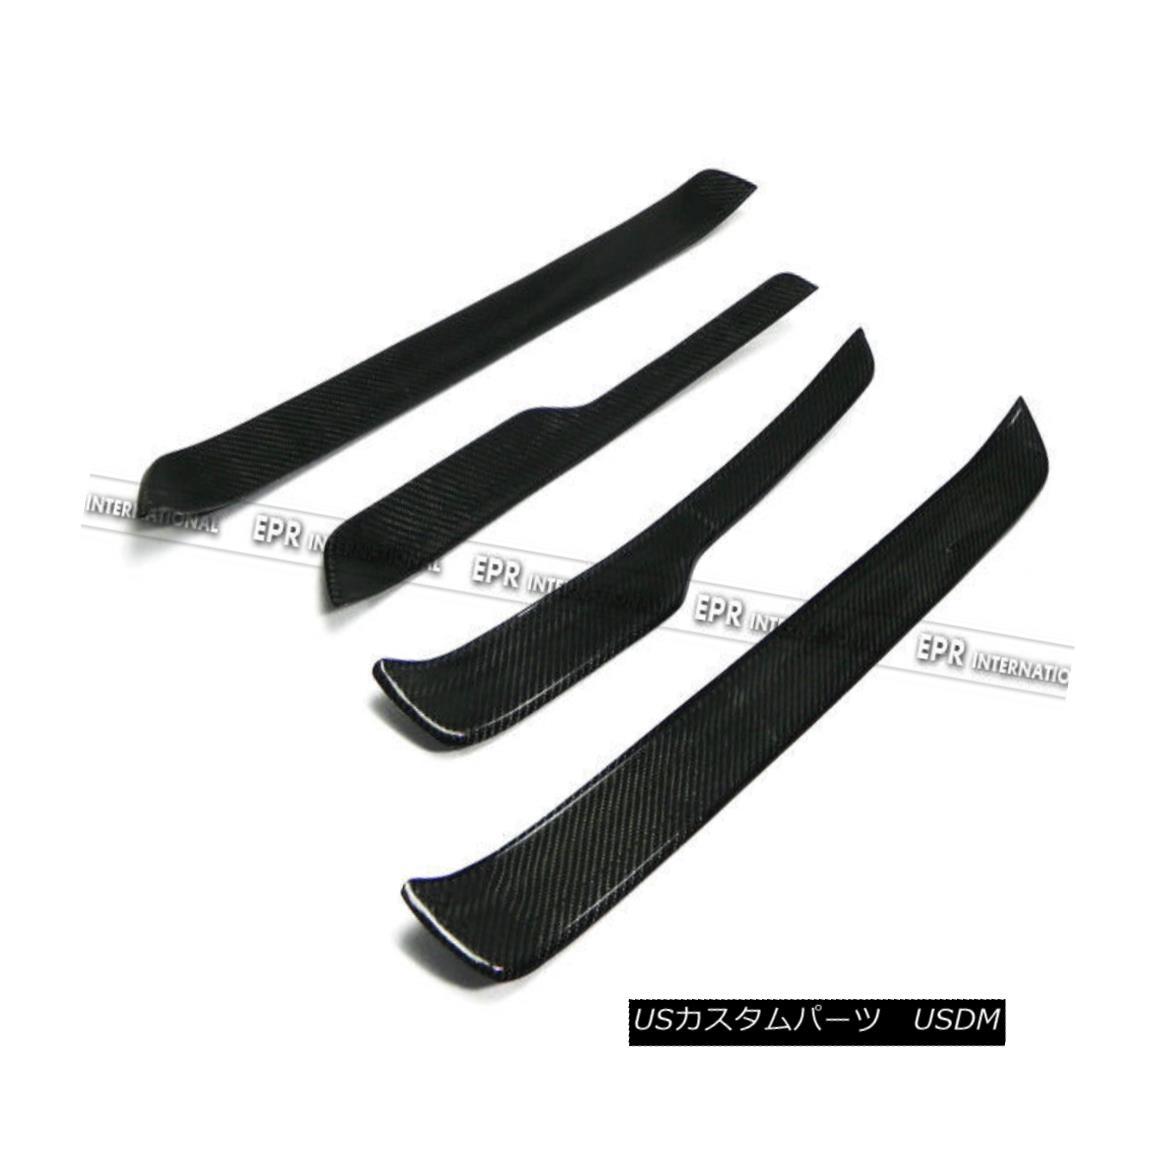 エアロパーツ ABC 4Pcs Side Door Sill Step Panel Plates Trim For BMW E90 Carbon Fiber Racing BMW E90カーボンファイバーレーシング用ABC 4Pcsサイドドアシルステップパネルプレートトリム